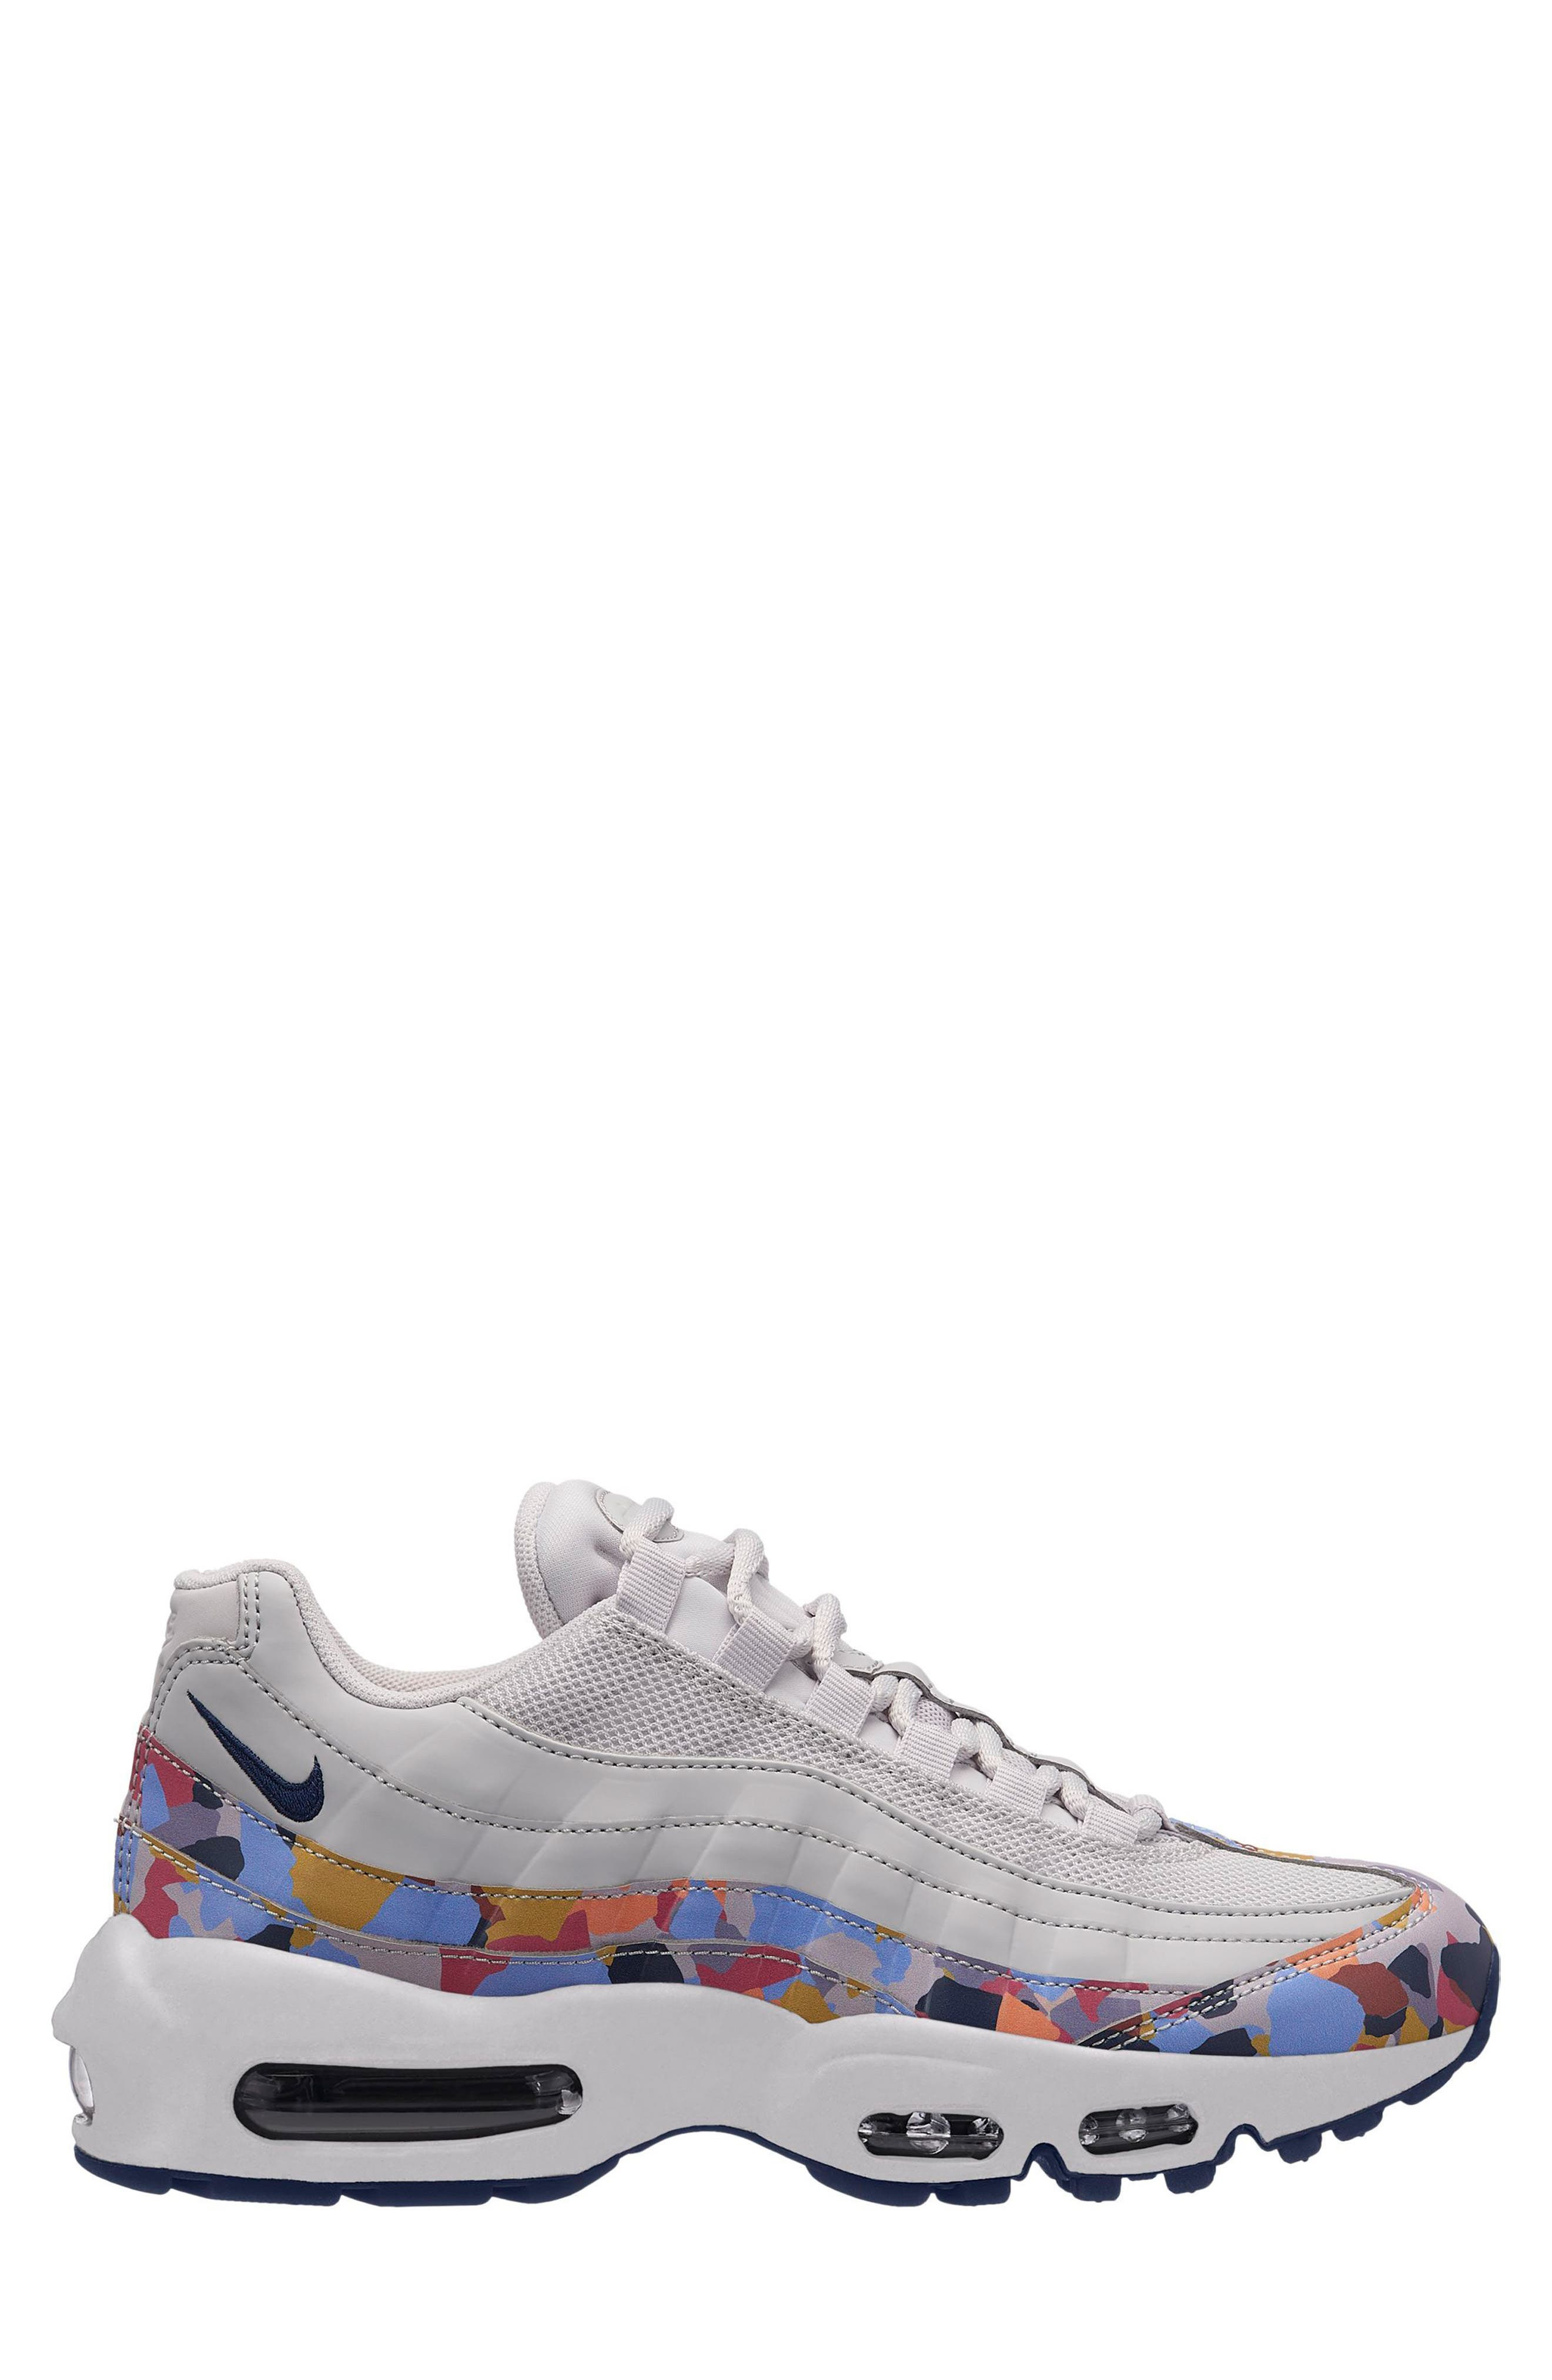 Air Max 95 SE Running Shoe,                             Main thumbnail 1, color,                             Grey/ Navy/ Red